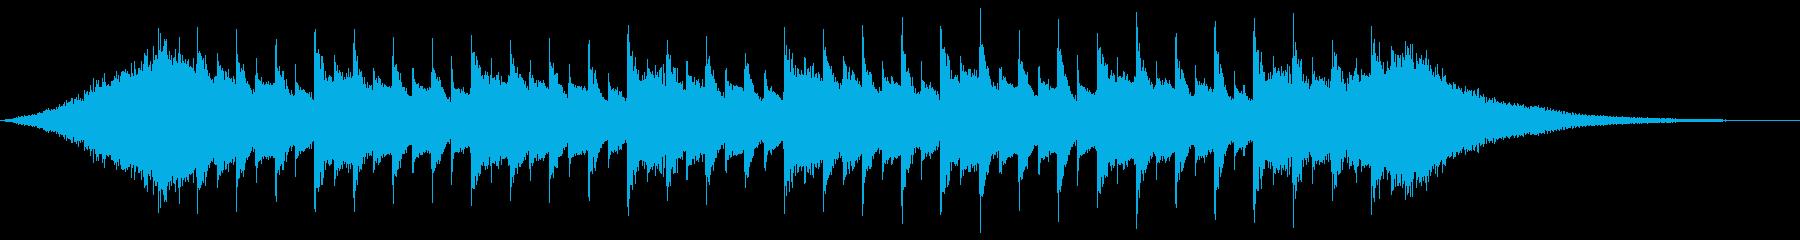 感動的なジングル、CMの再生済みの波形